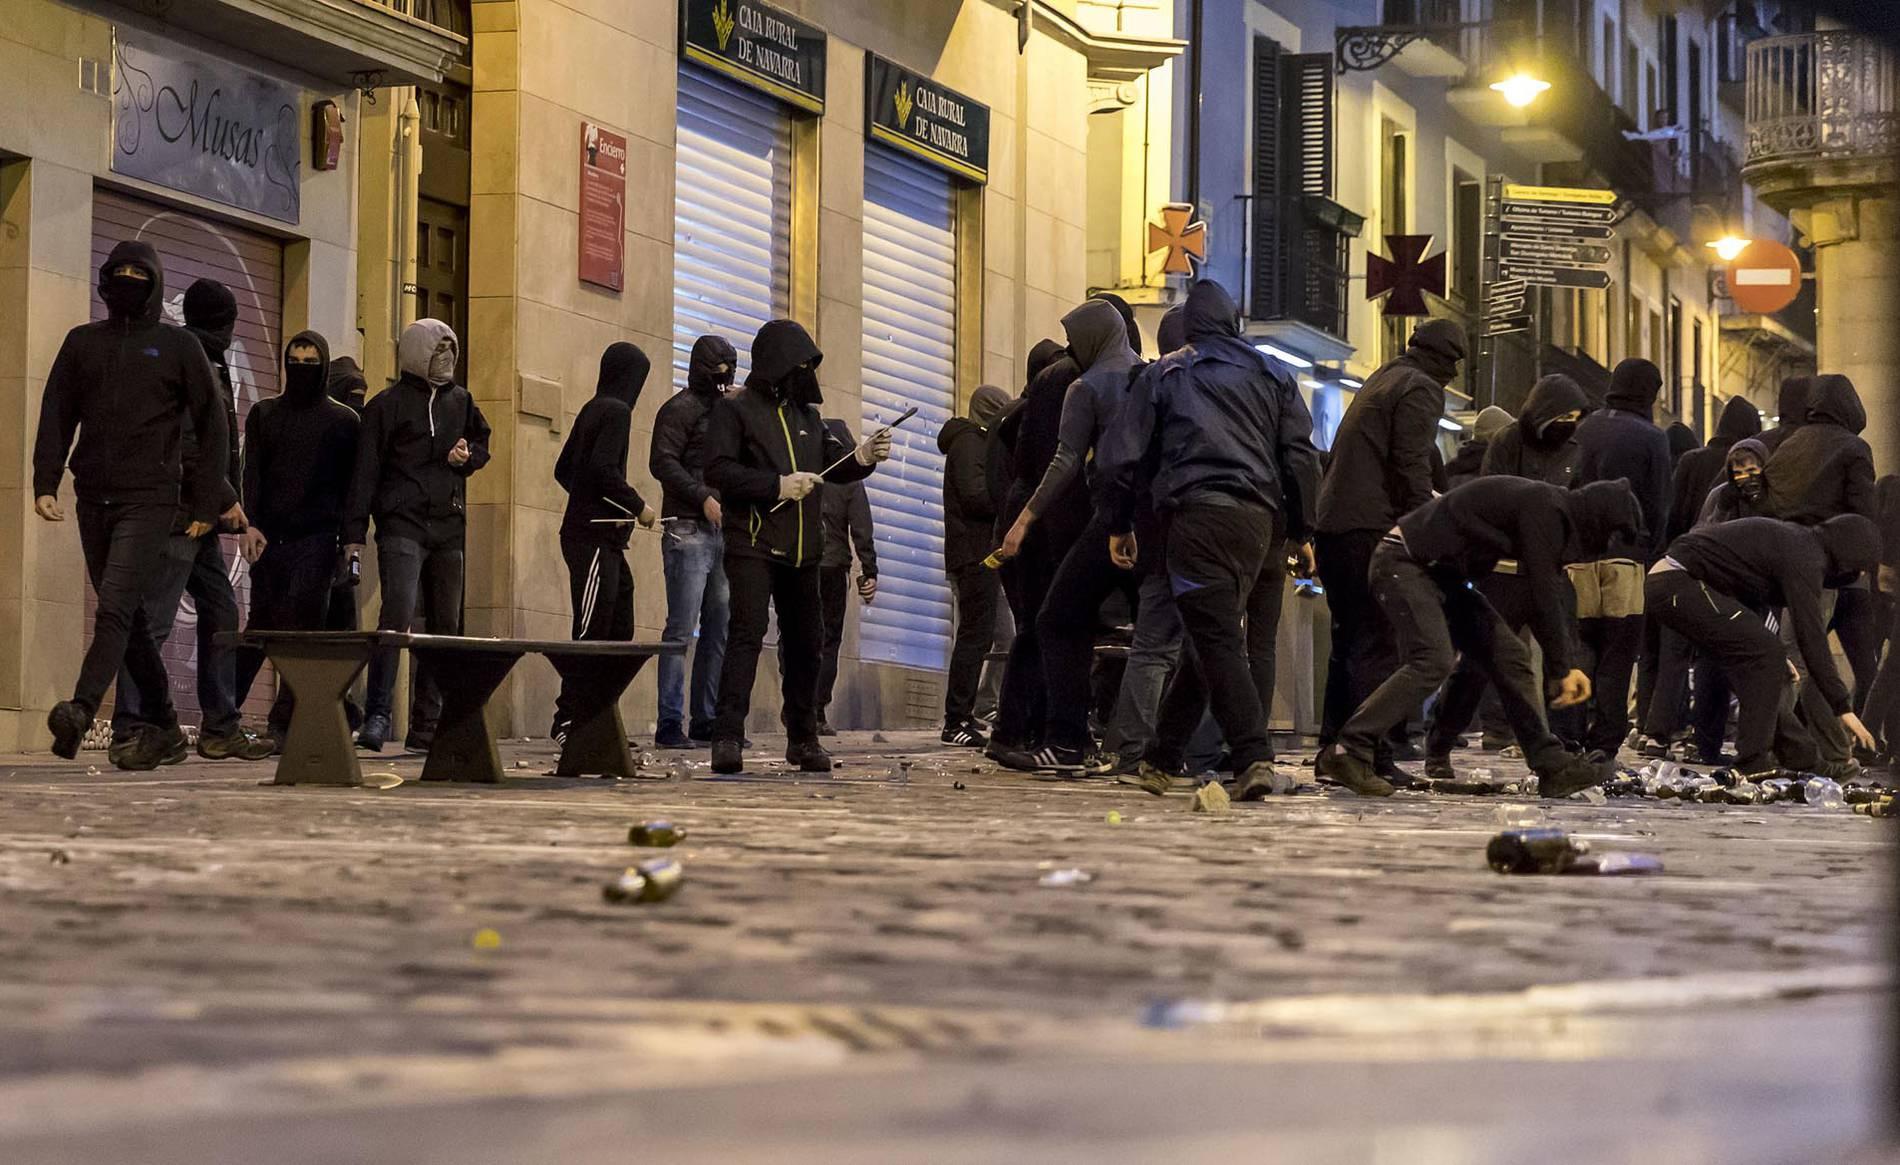 Incidentes en el Casco Antiguo de Pamplona (17/52) - Incidentes en el Casco Antiguo de Pamplona este sábado tras una concentración contra la represión - Pamplona y Comarca - .